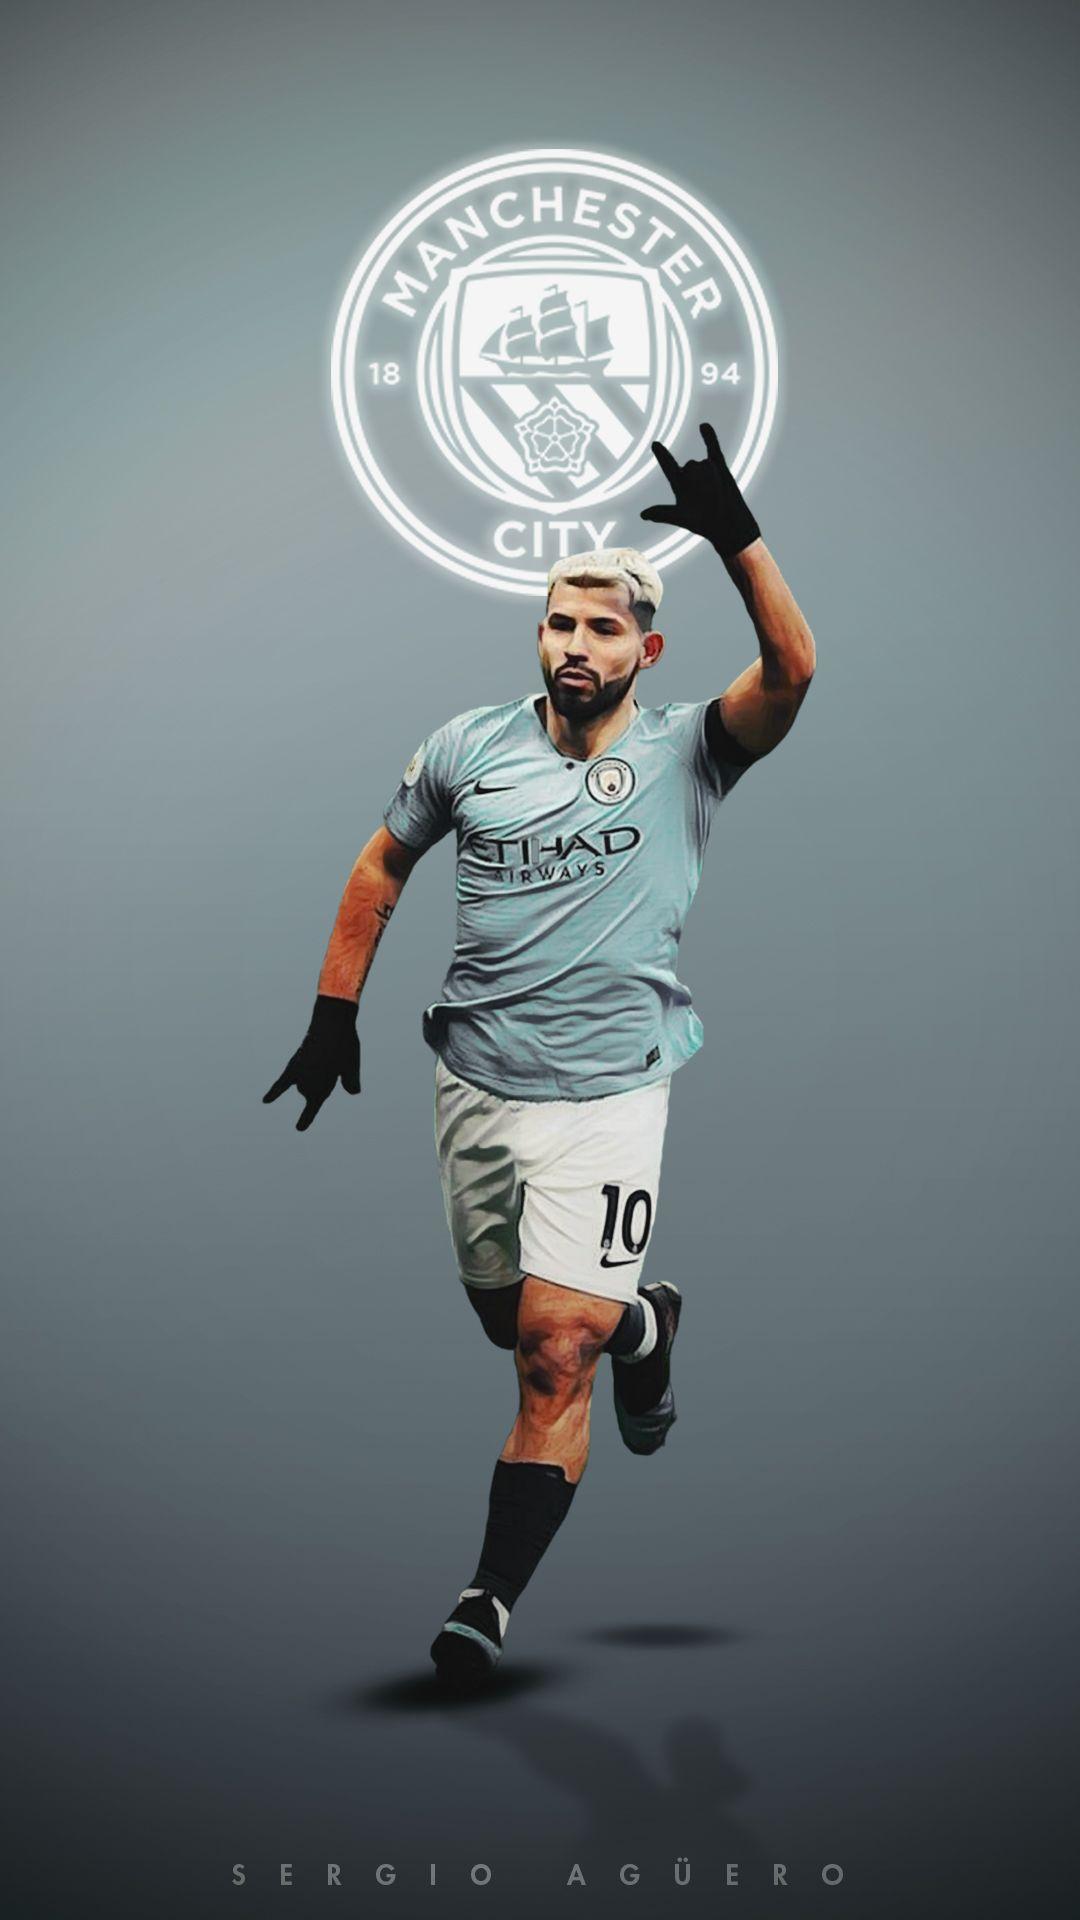 Sergio Aguero Manchester City 10aguerosergiokun X